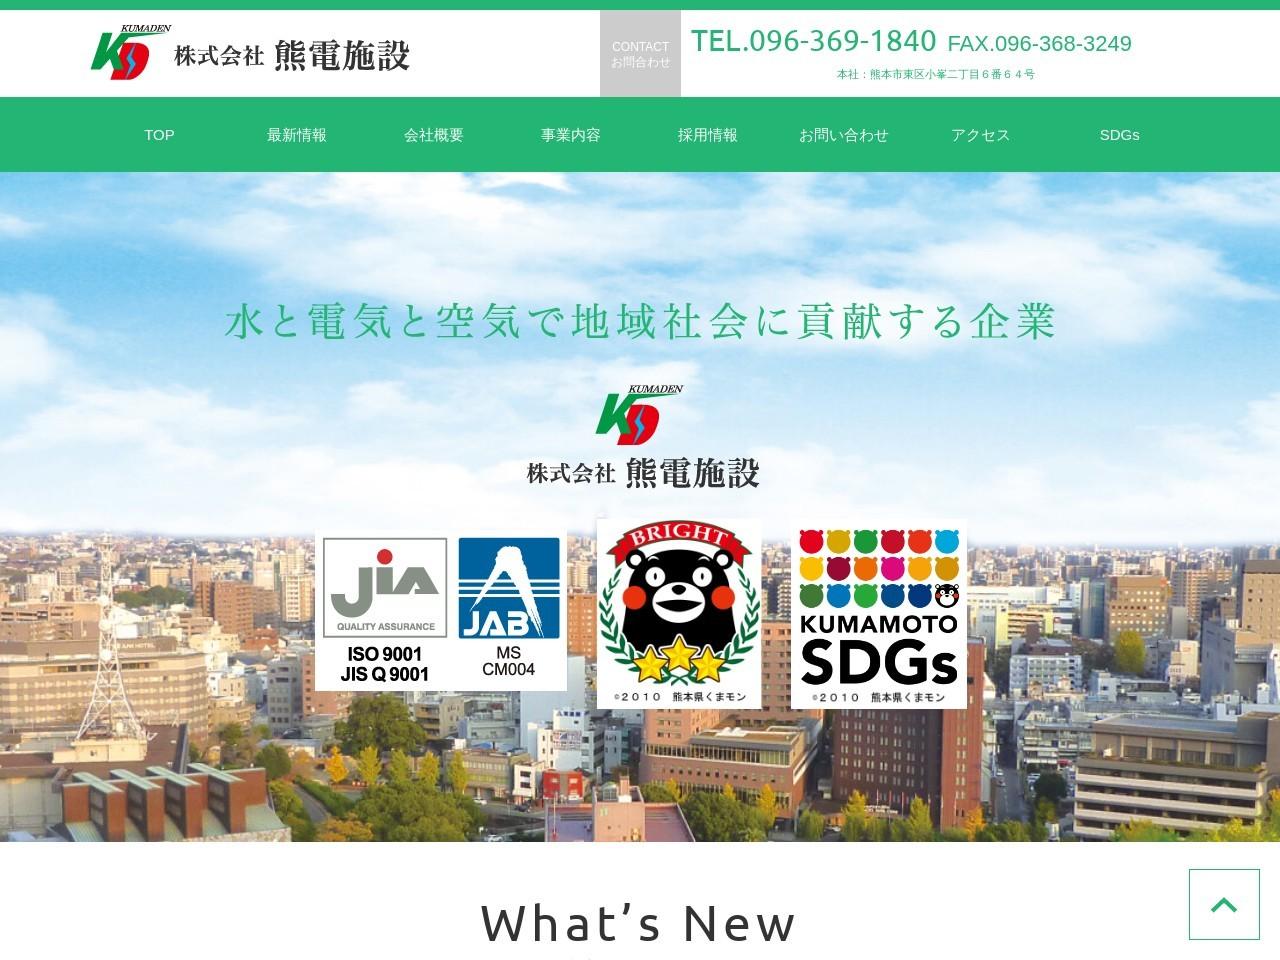 株式会社熊電施設